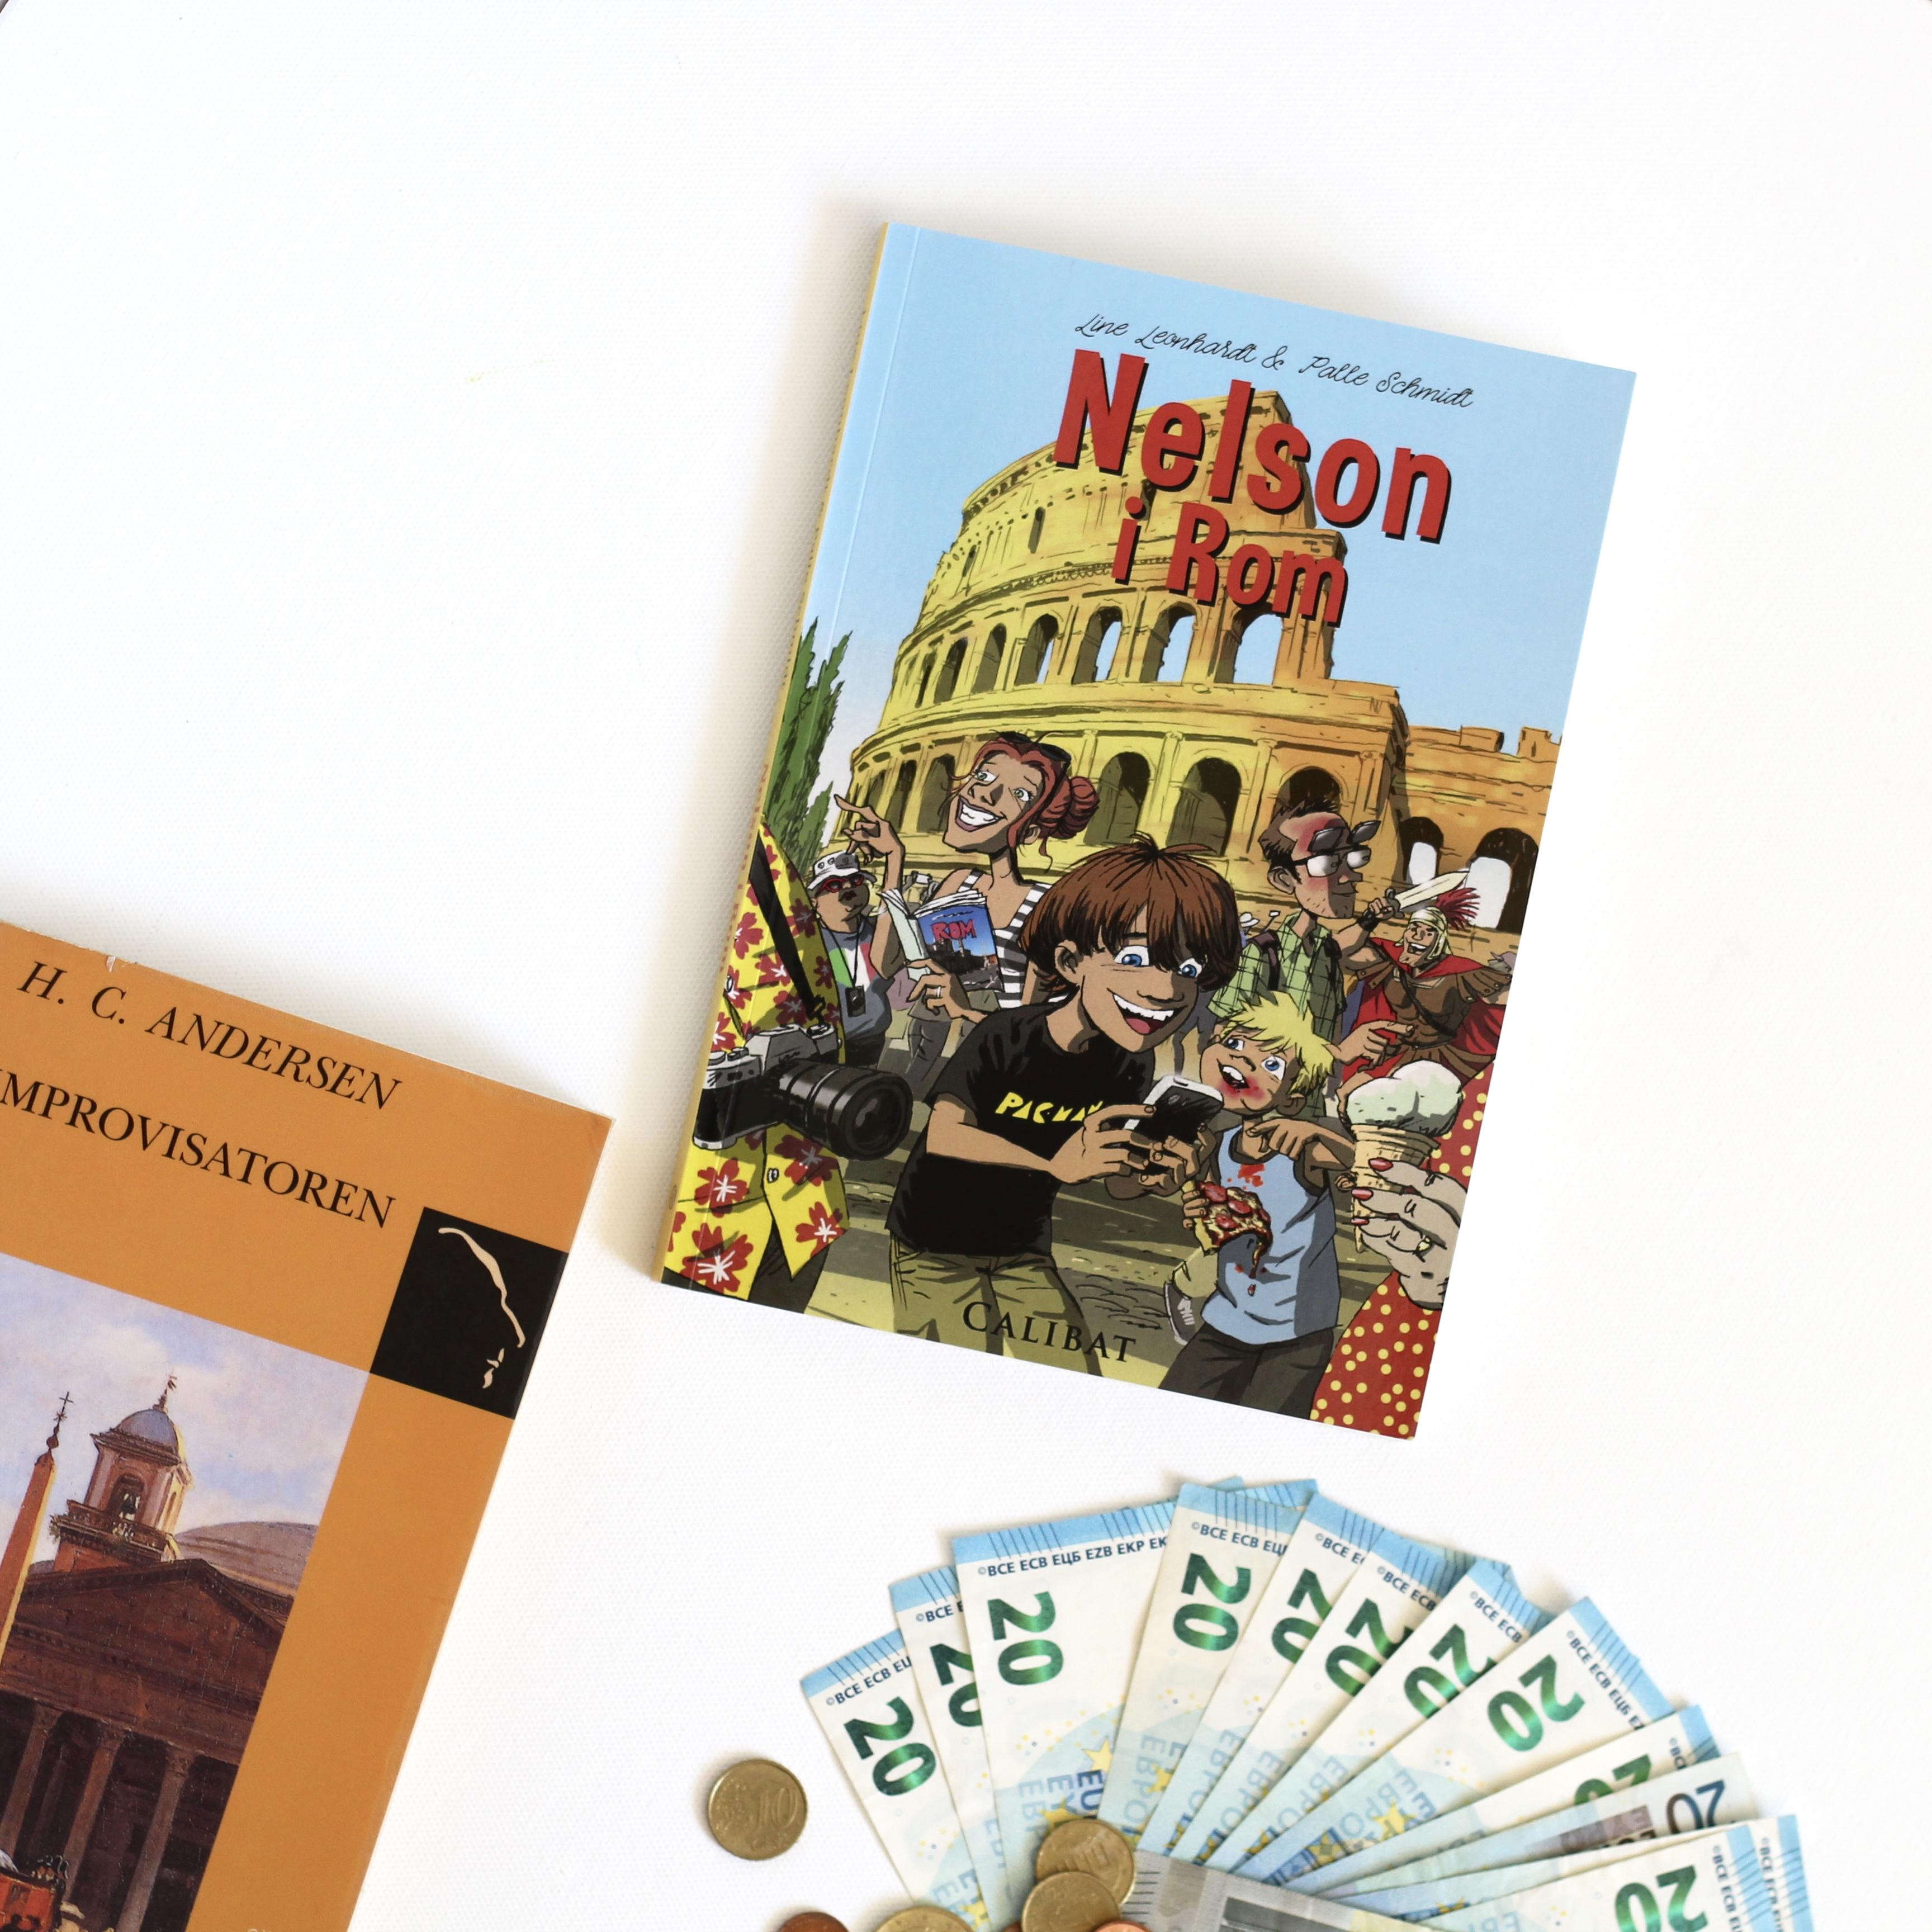 Nelson i Rom, Line Leonhard, Palle Schmidt, Bogoplevelsen